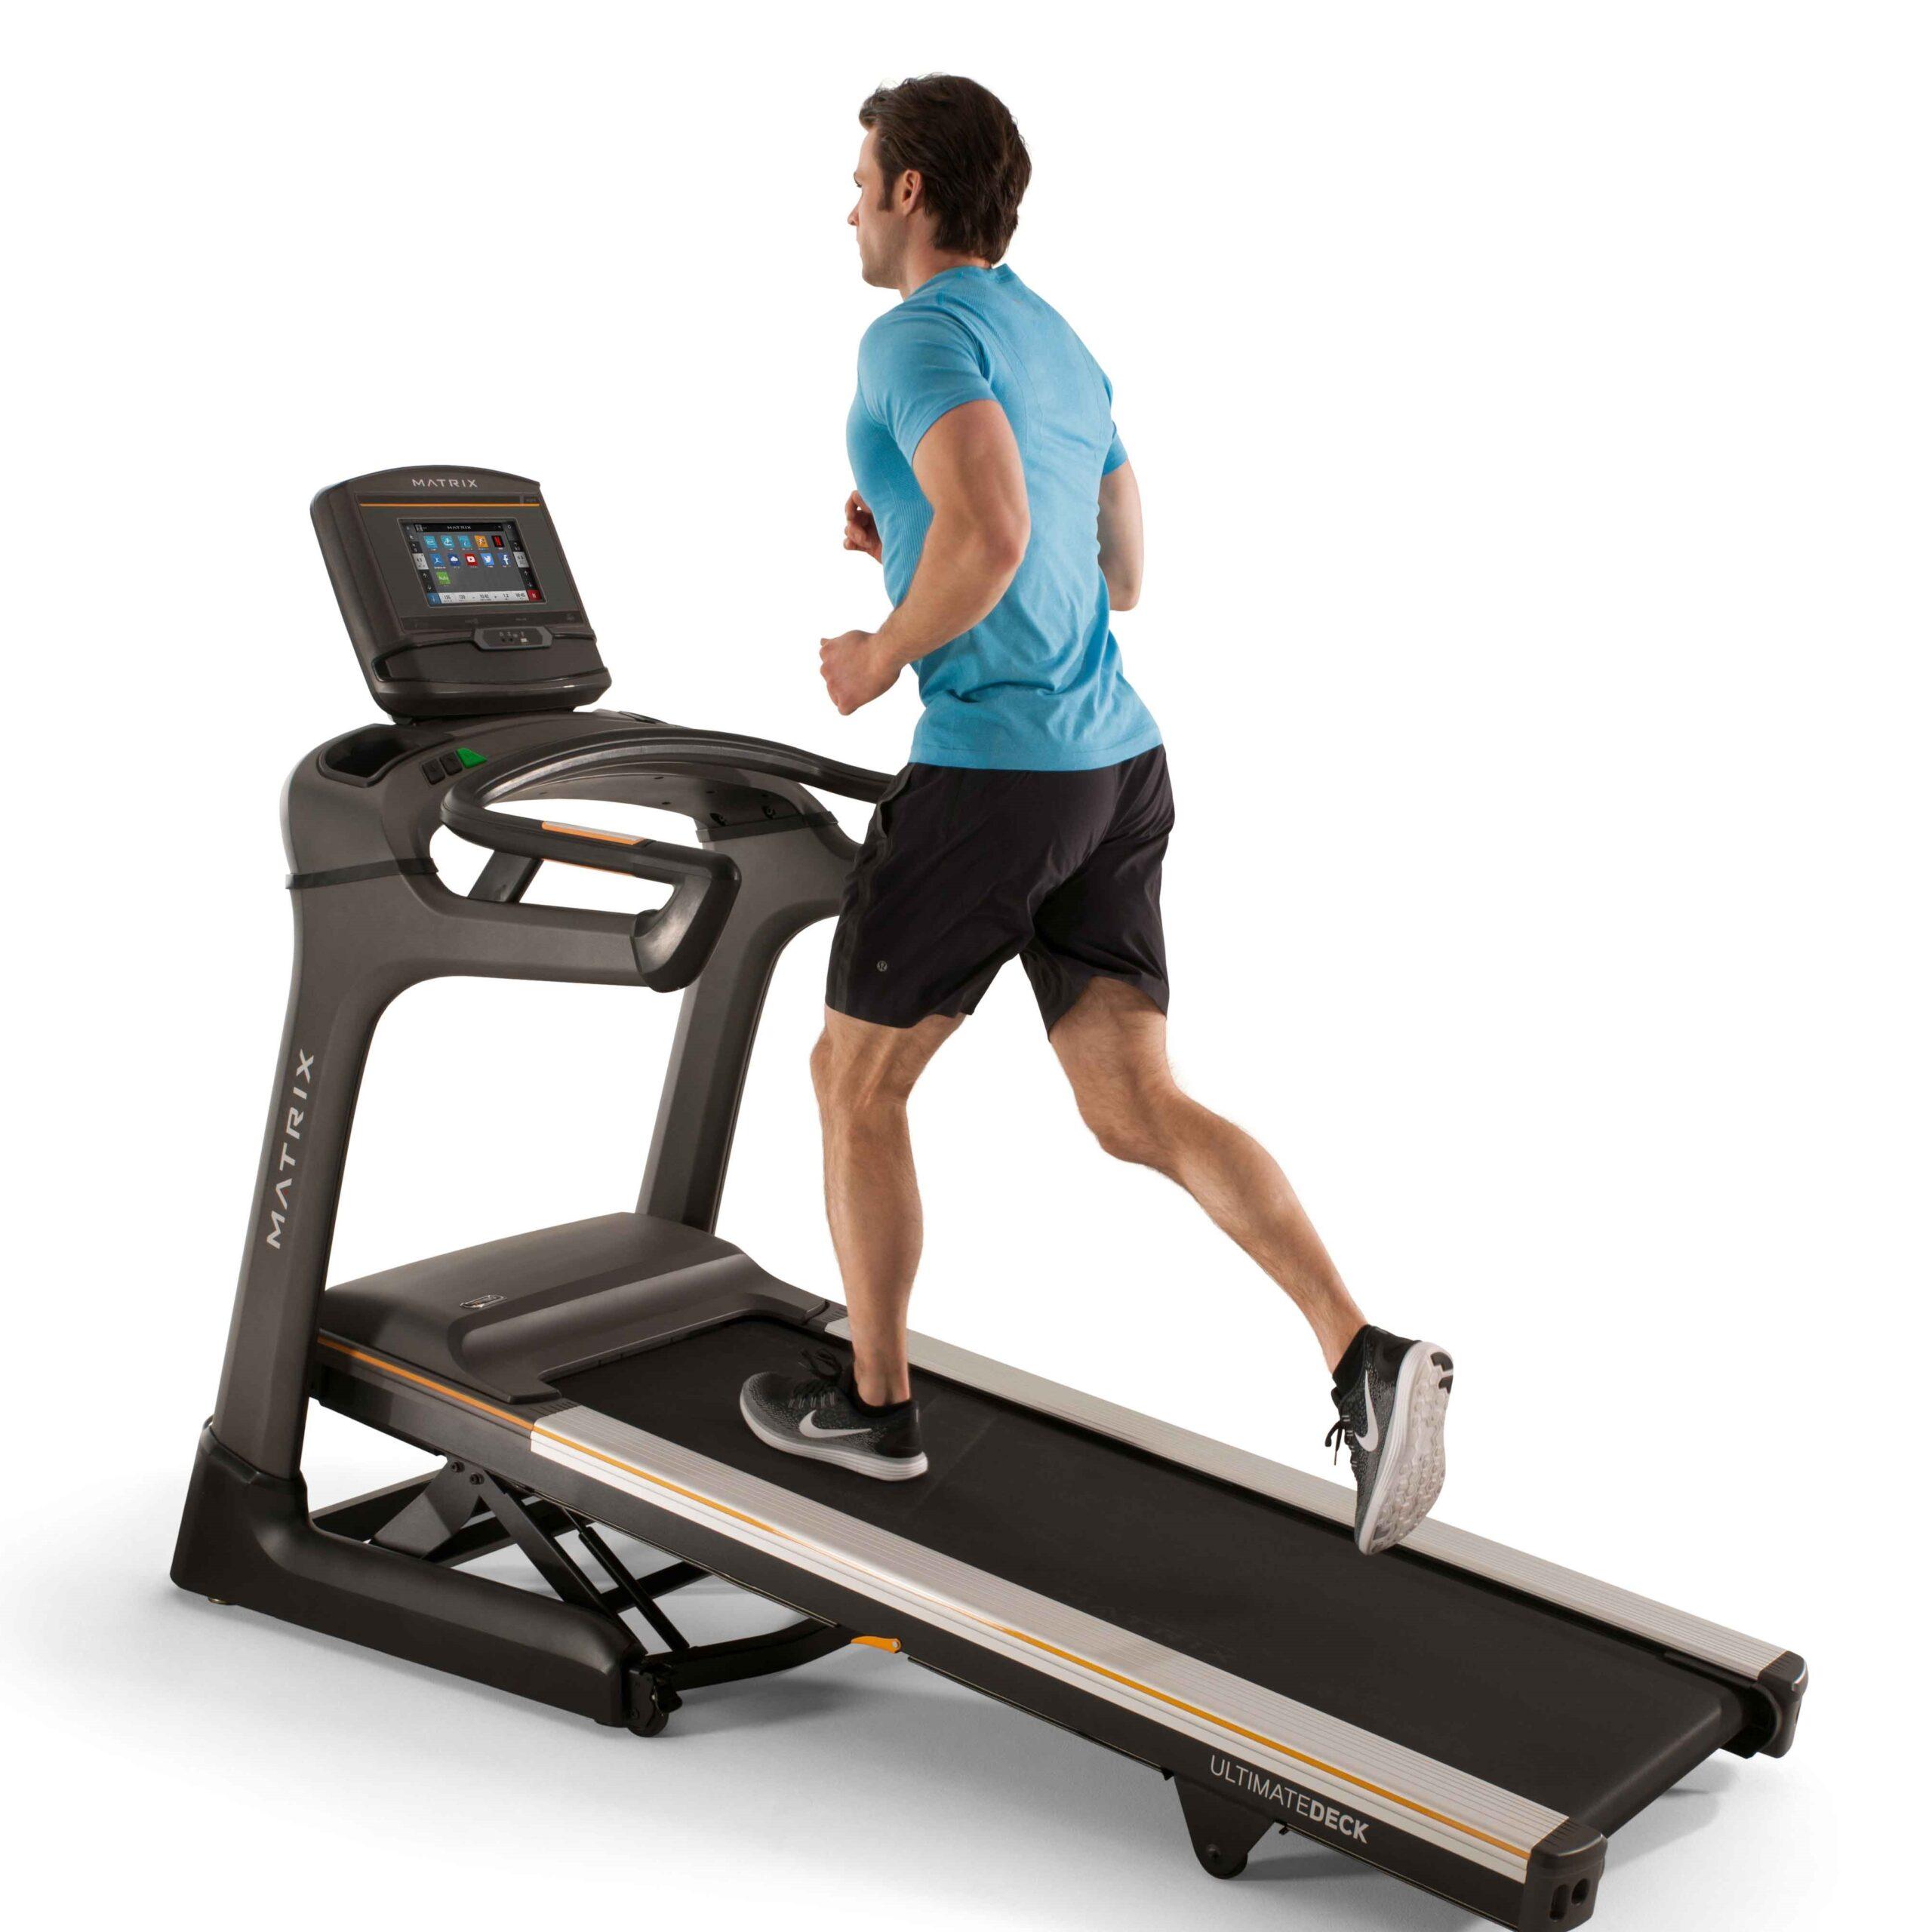 Khi chạy bộ hoặc đi bộ dốc, khớp gối của bạn sẽ hoạt động nhiều hơn để tiến về phía trước